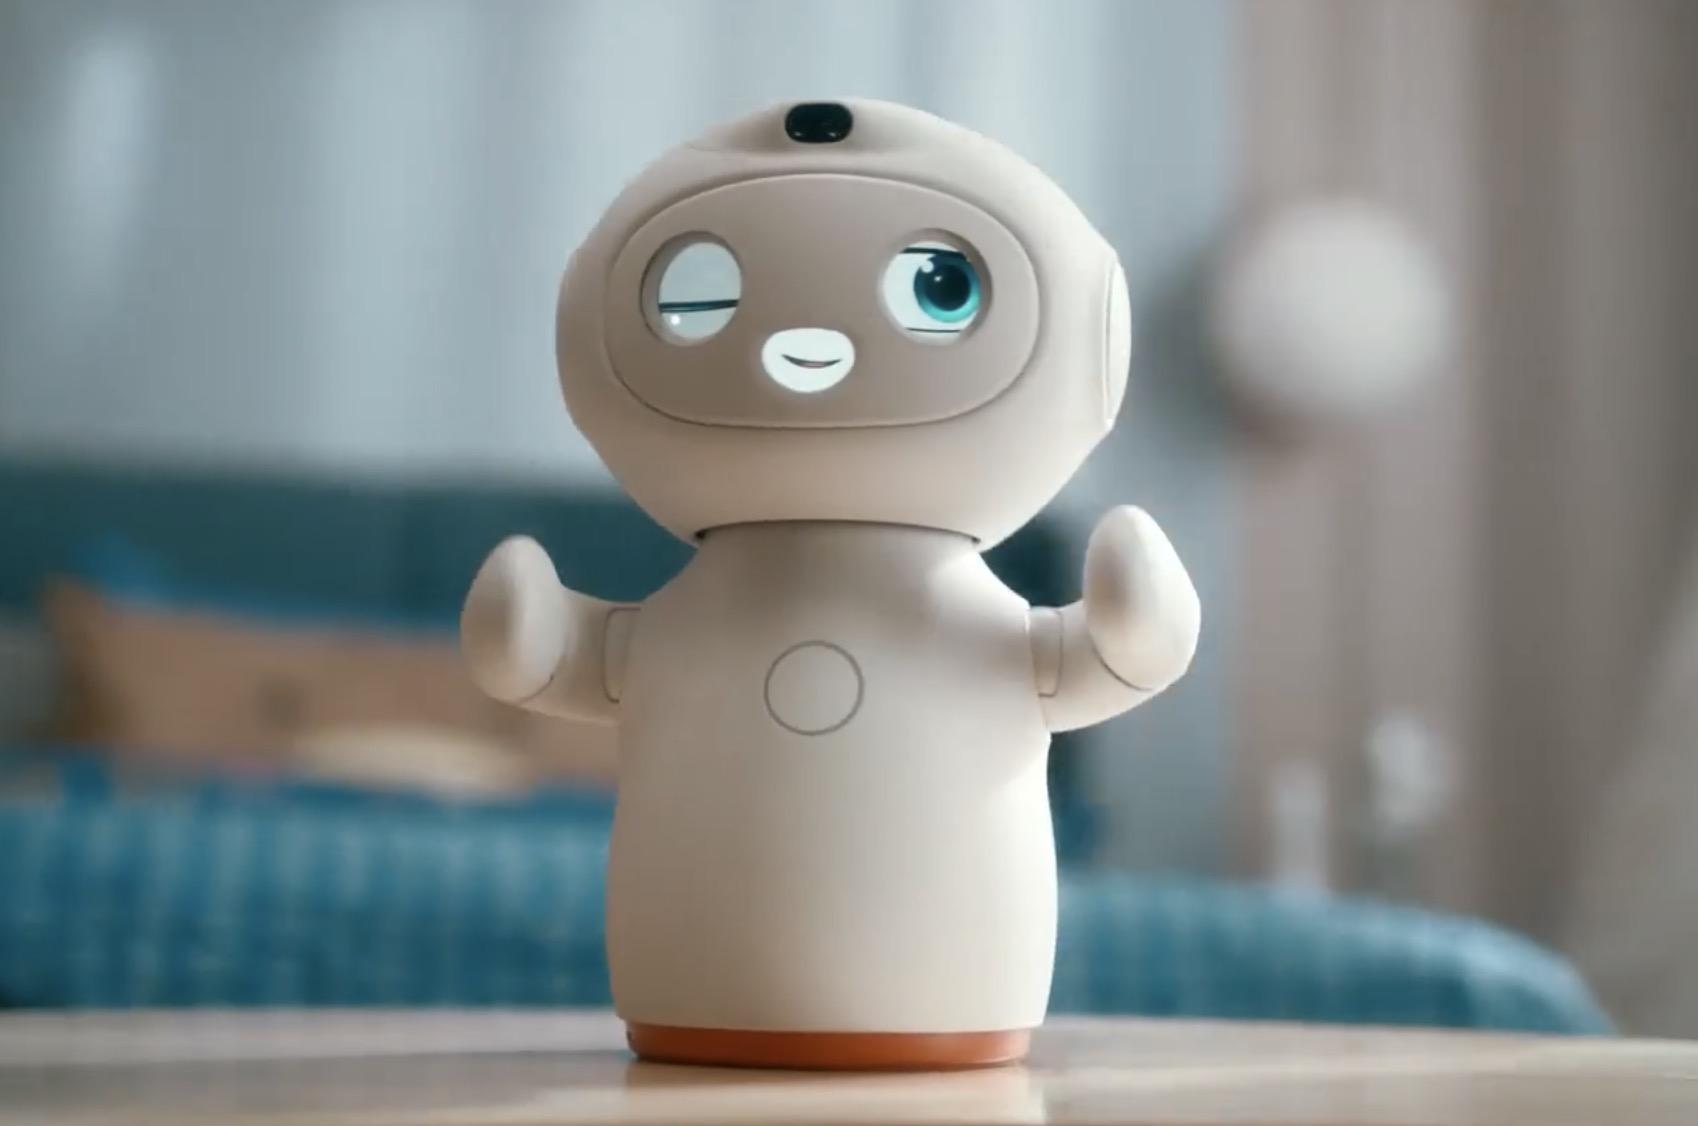 華為小藝機器人